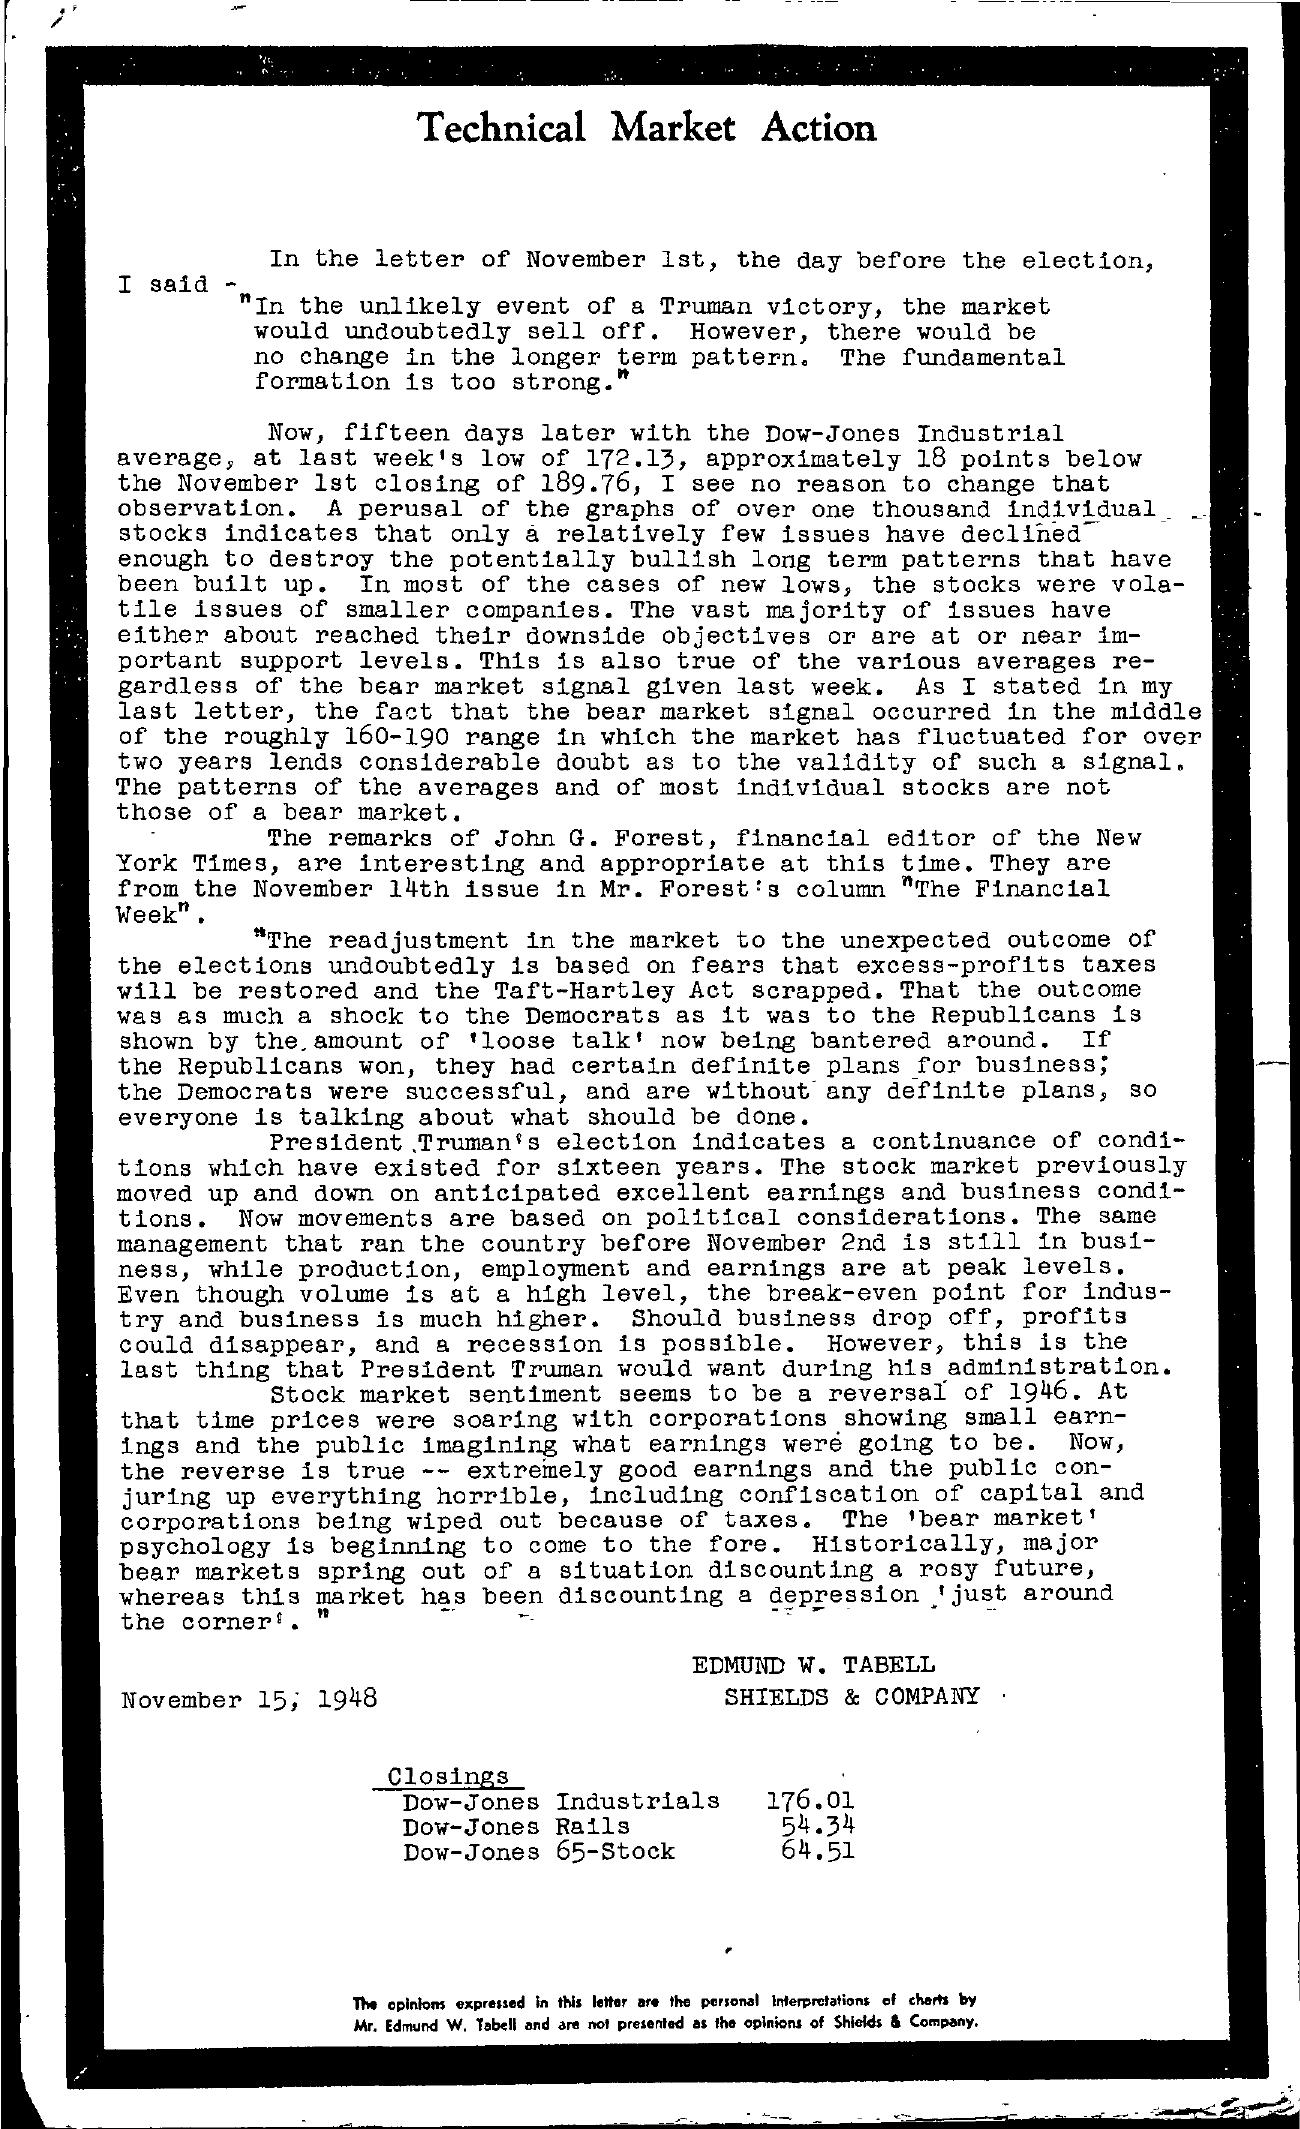 Tabell's Market Letter - November 15, 1948